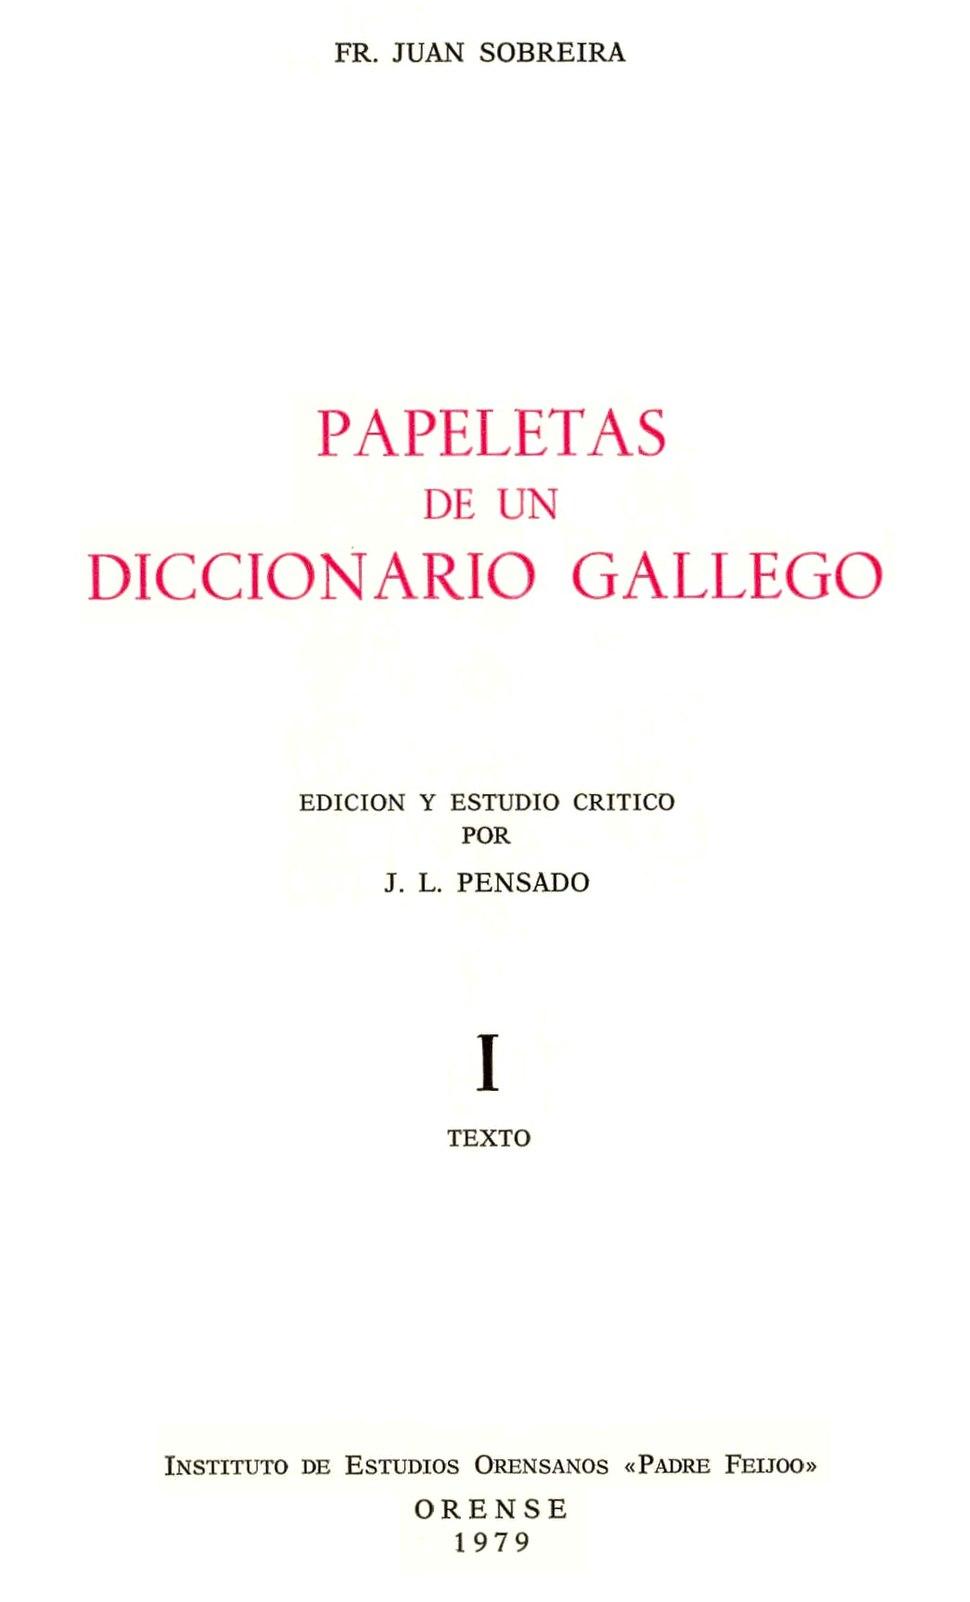 Fr. Juan Sobreira. Papeletas de un diccionario gallego, edición y estudio crítico por J. L. Pensado I texto, 1979